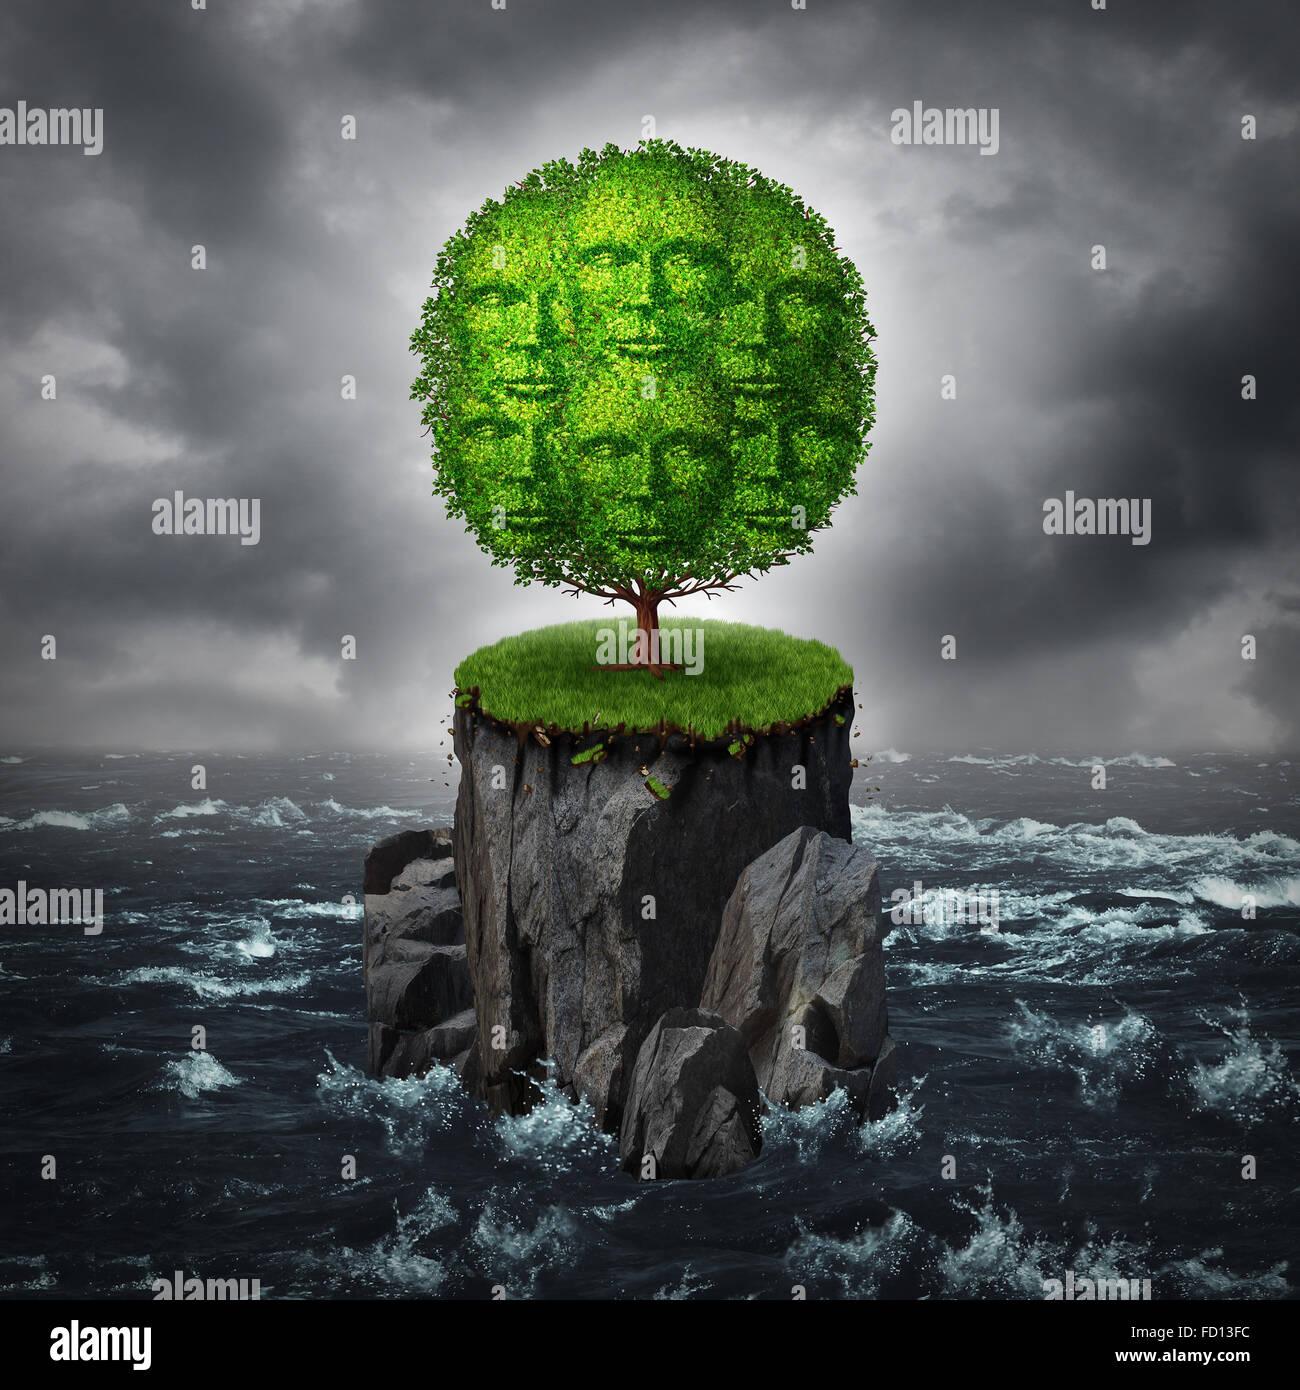 Community-Isolierung-Konzept als eine eine Gruppe von Menschen geformt wie ein Baum wächst auf einer isolierten Stockbild